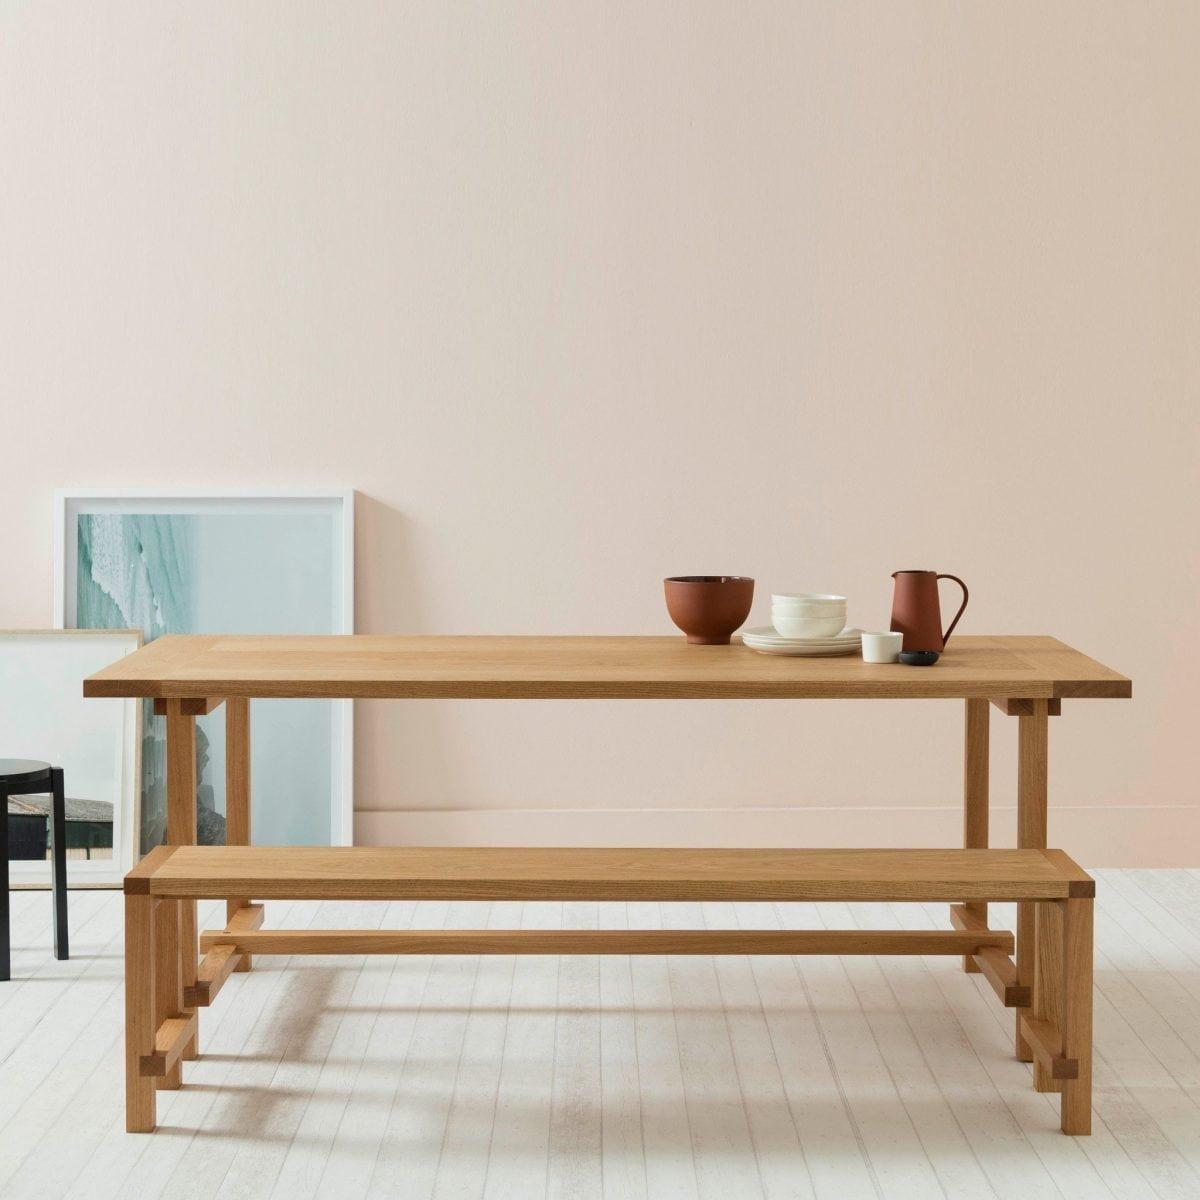 Grande table de salle manger four en ch ne naturel par another country en vente sur pamono - Table de salle a manger en chene ...